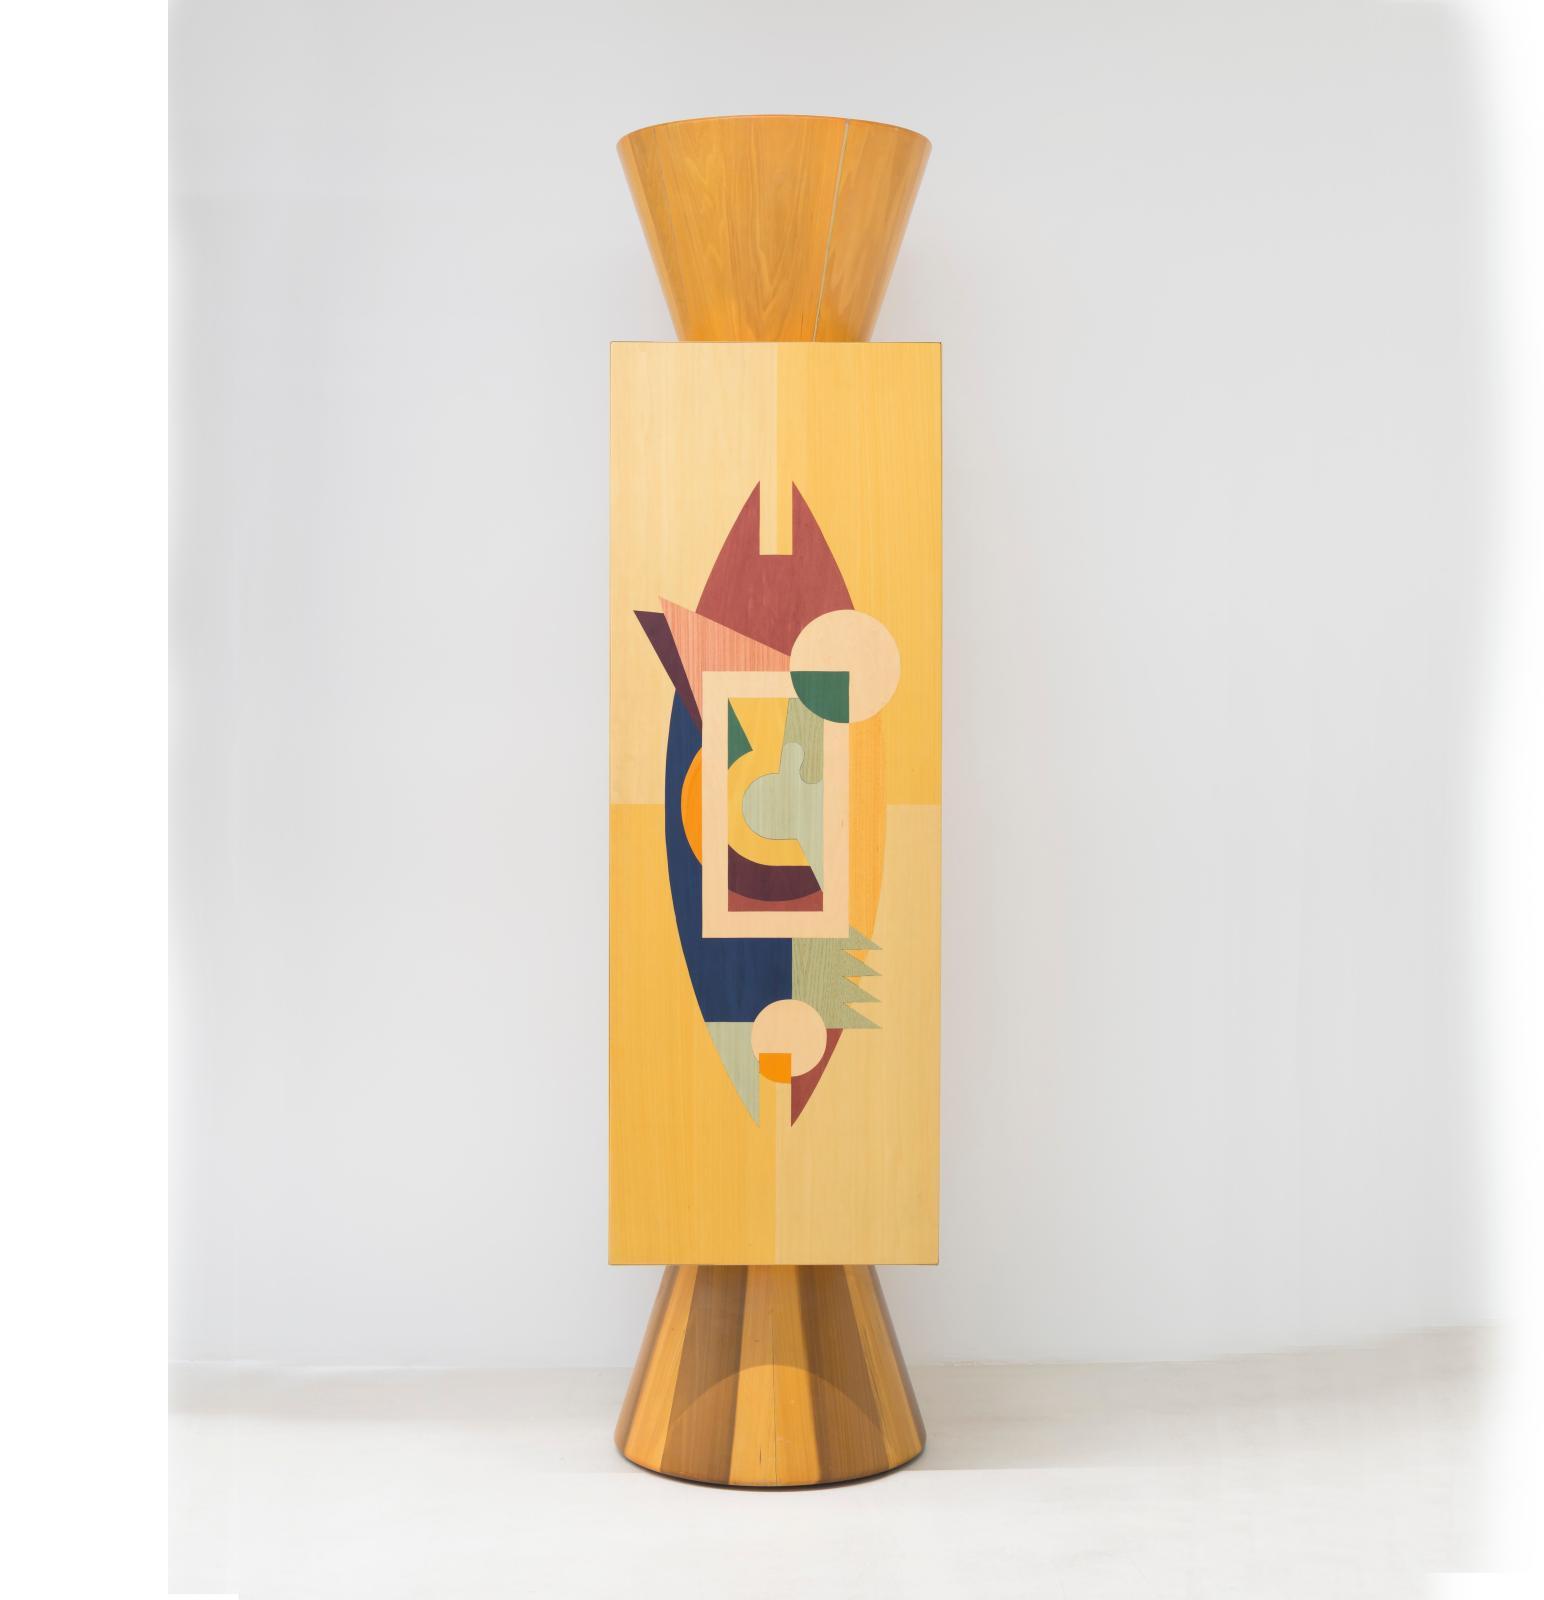 Alessandro Mendini (né en 1931),  Colonna ollo (1980), meuble colonne, en bois laqué et marqueterie, 220x50x50cm. Galerie Italienne.